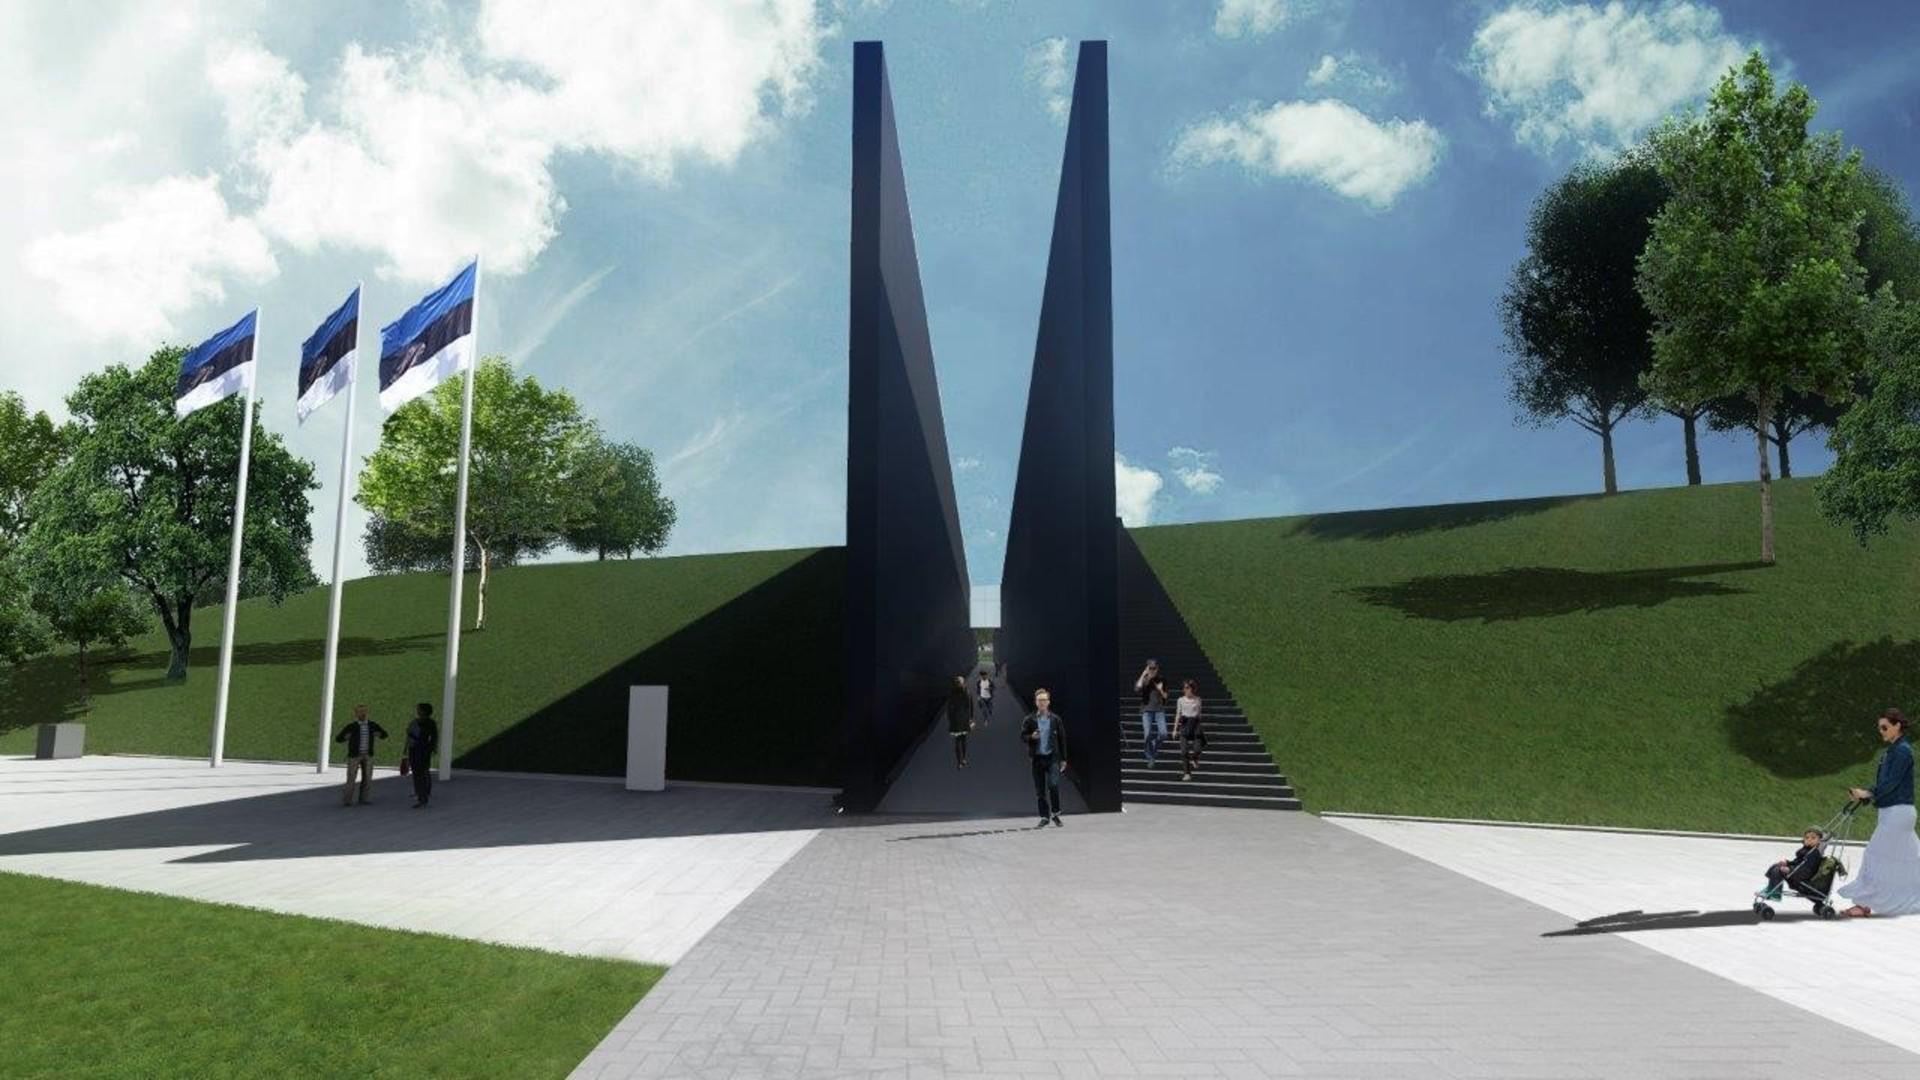 Vadinamasis memorialo koridorius , simbolizuojantis totalitarinio režimo negailestingumą ir nežmoniškumą   B. Puzinavičiaus nuotr.